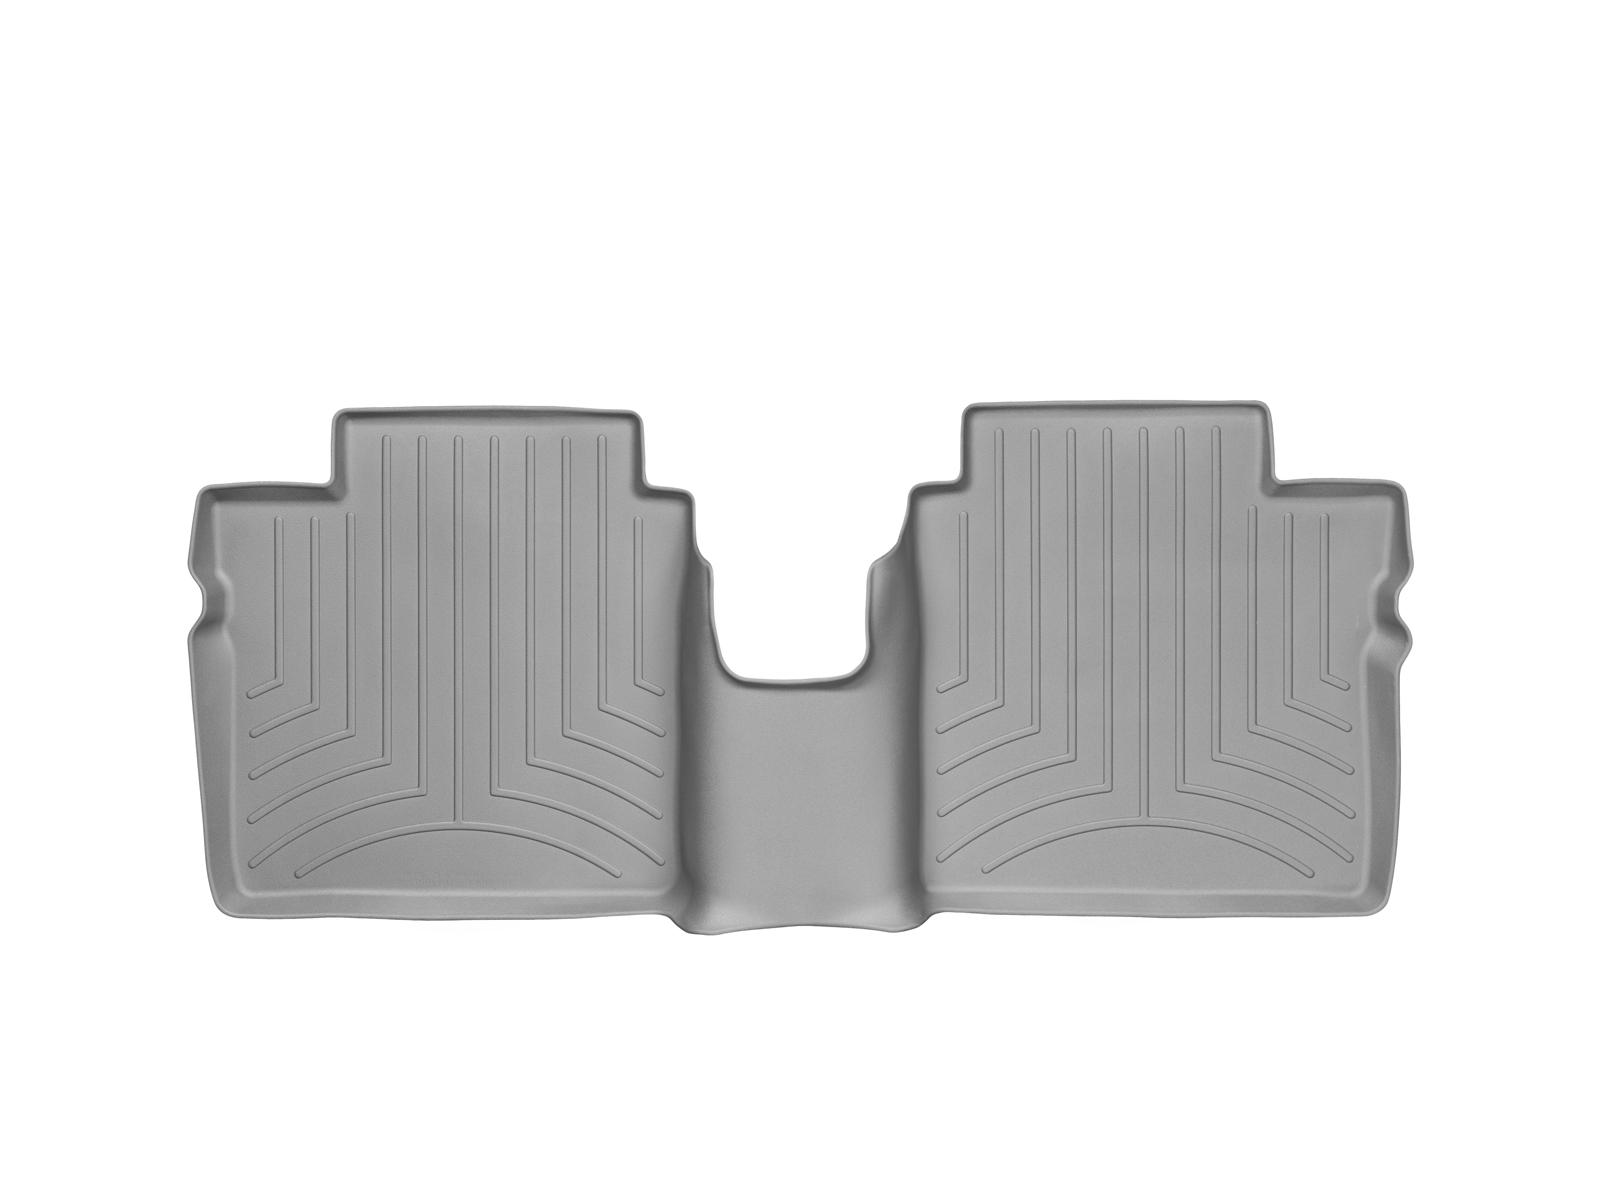 Tappeti gomma su misura bordo alto Nissan Note 14>17 Grigio A2902